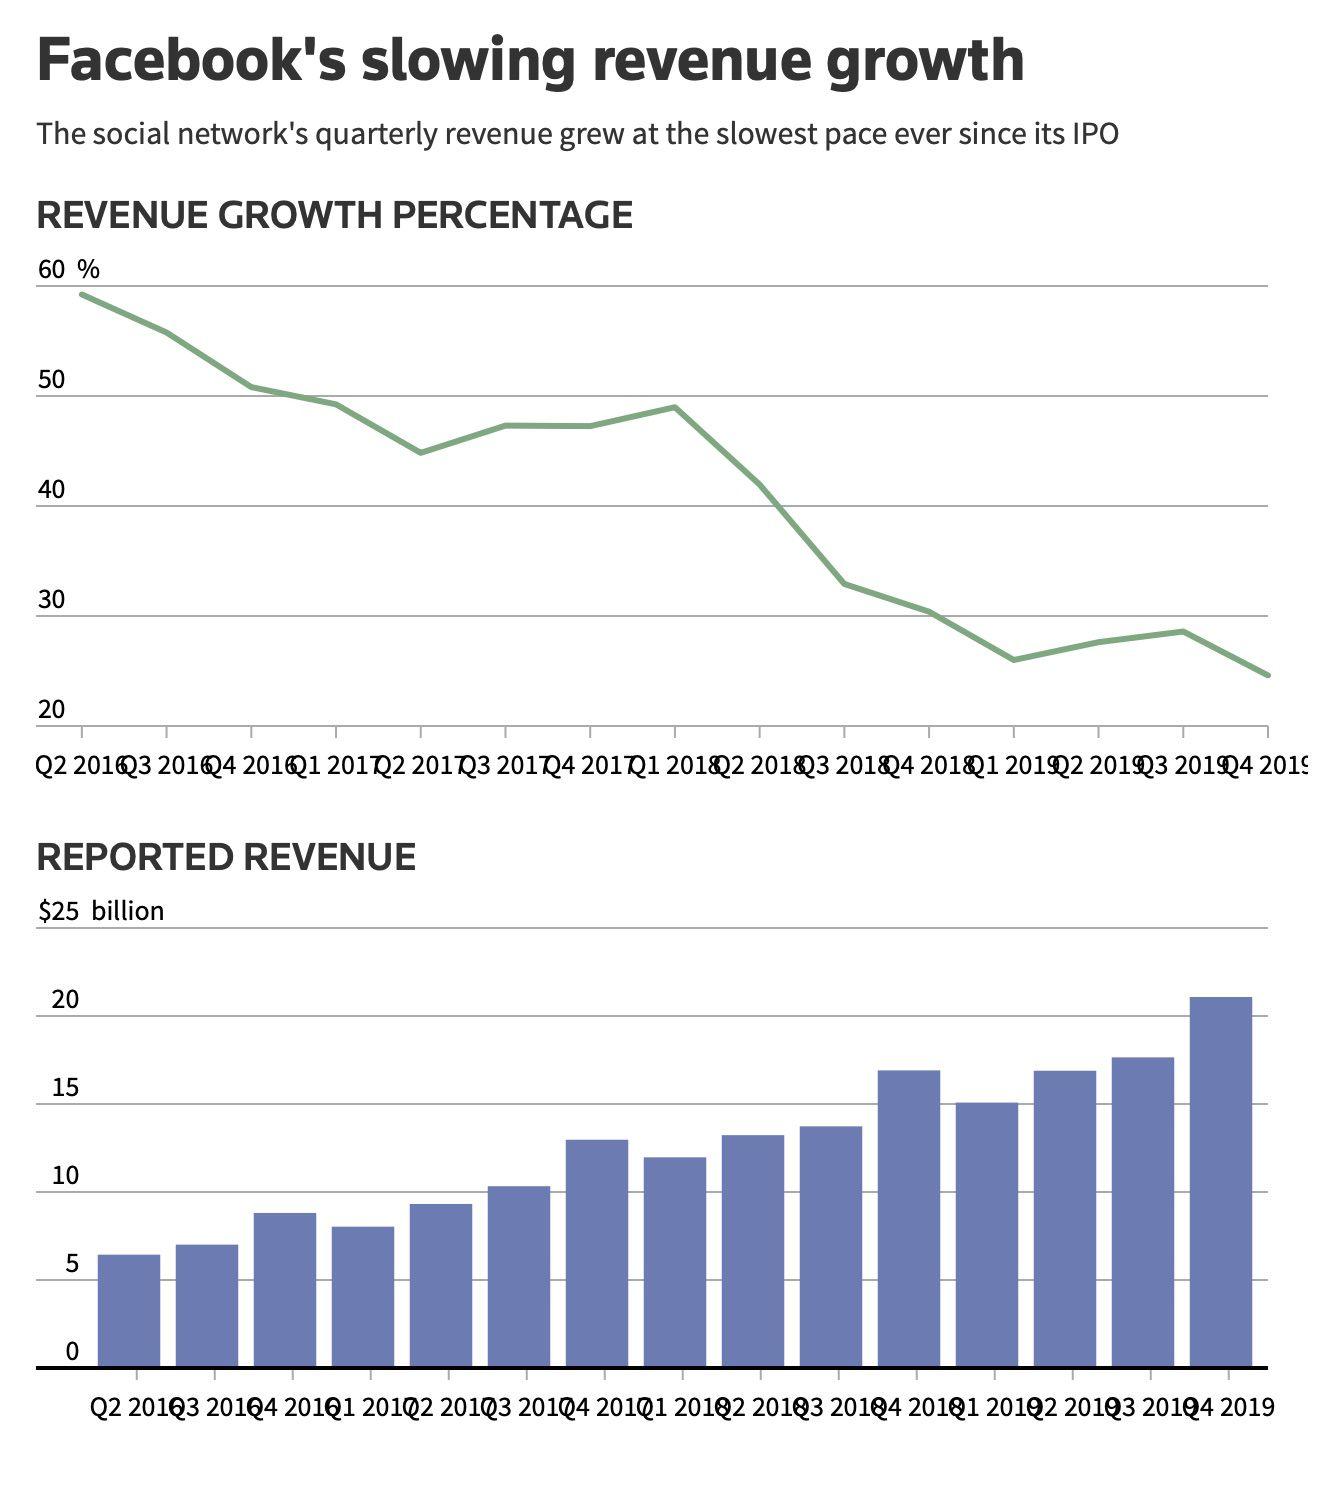 La croissance des revenus de Facebook diminue.